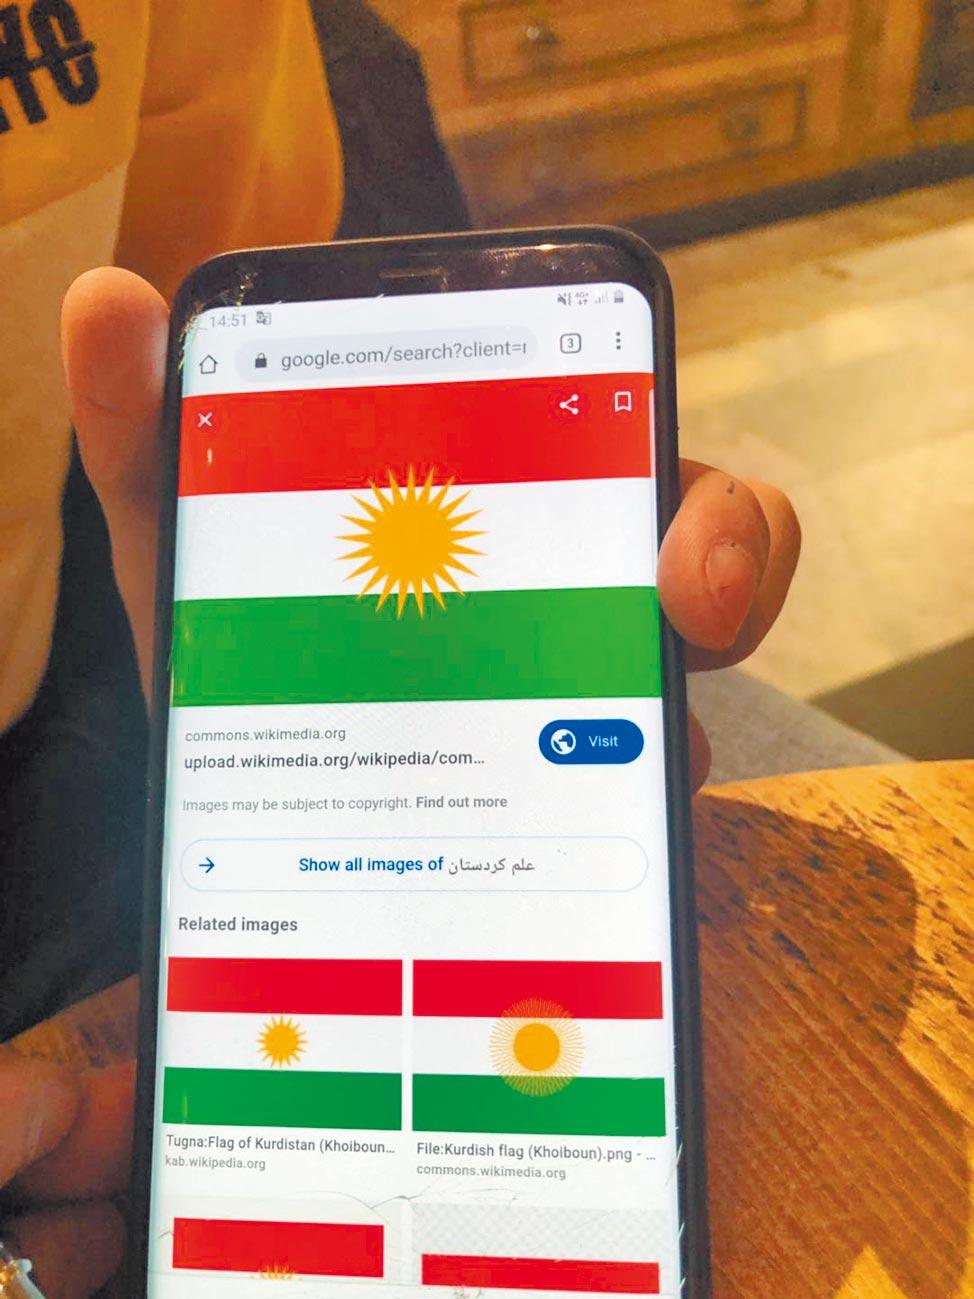 貝亞給作者看他們的「庫爾斯坦國旗」。(作者提供)